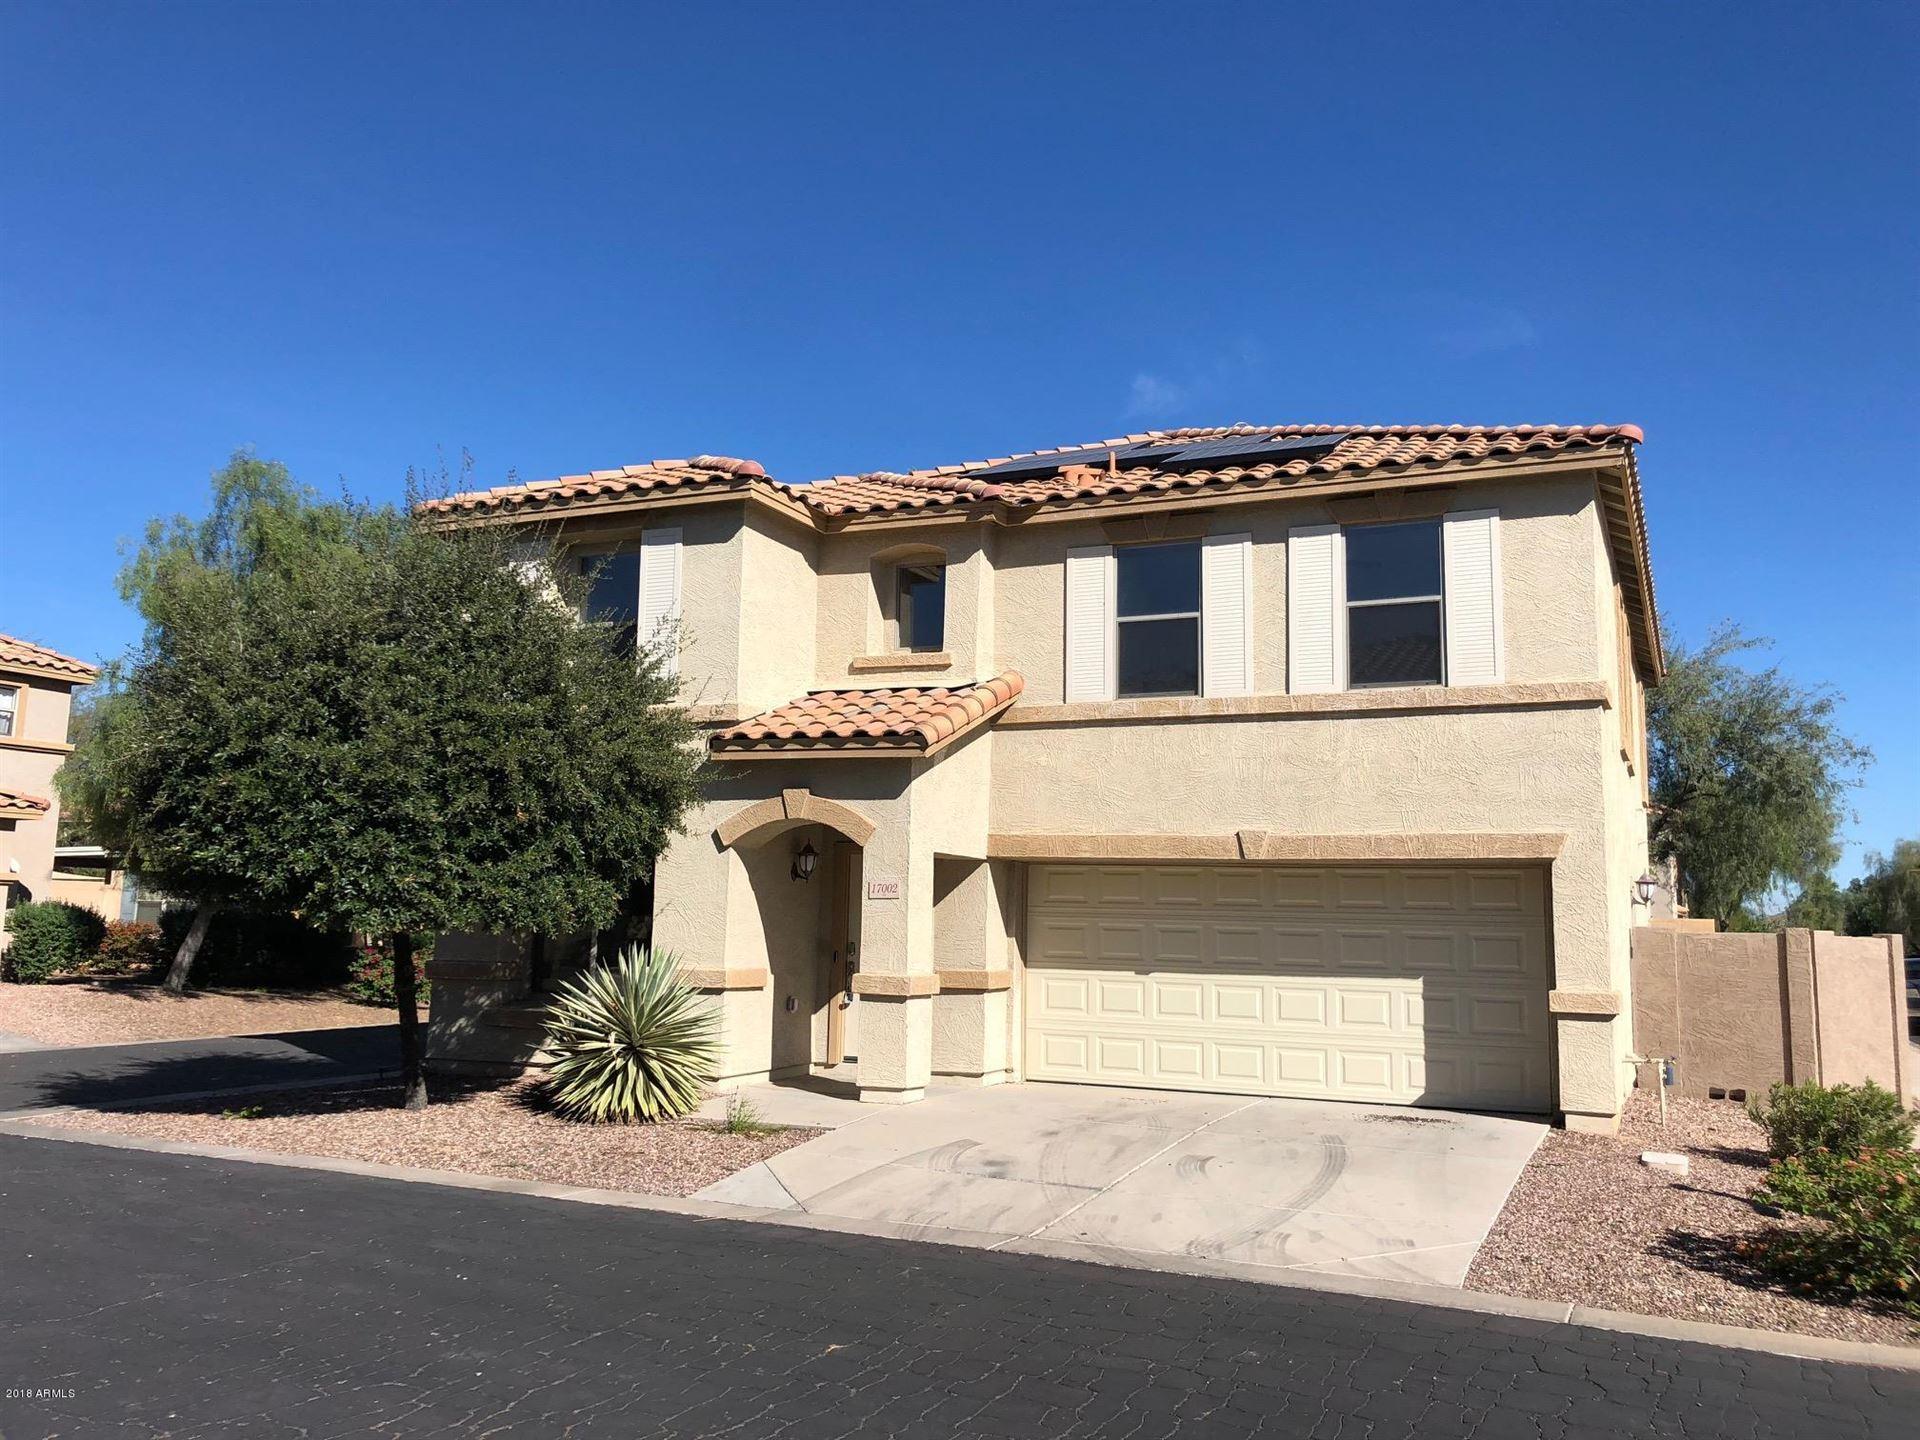 17002 W MARCONI Avenue, Surprise, AZ 85388 - MLS#: 6282591